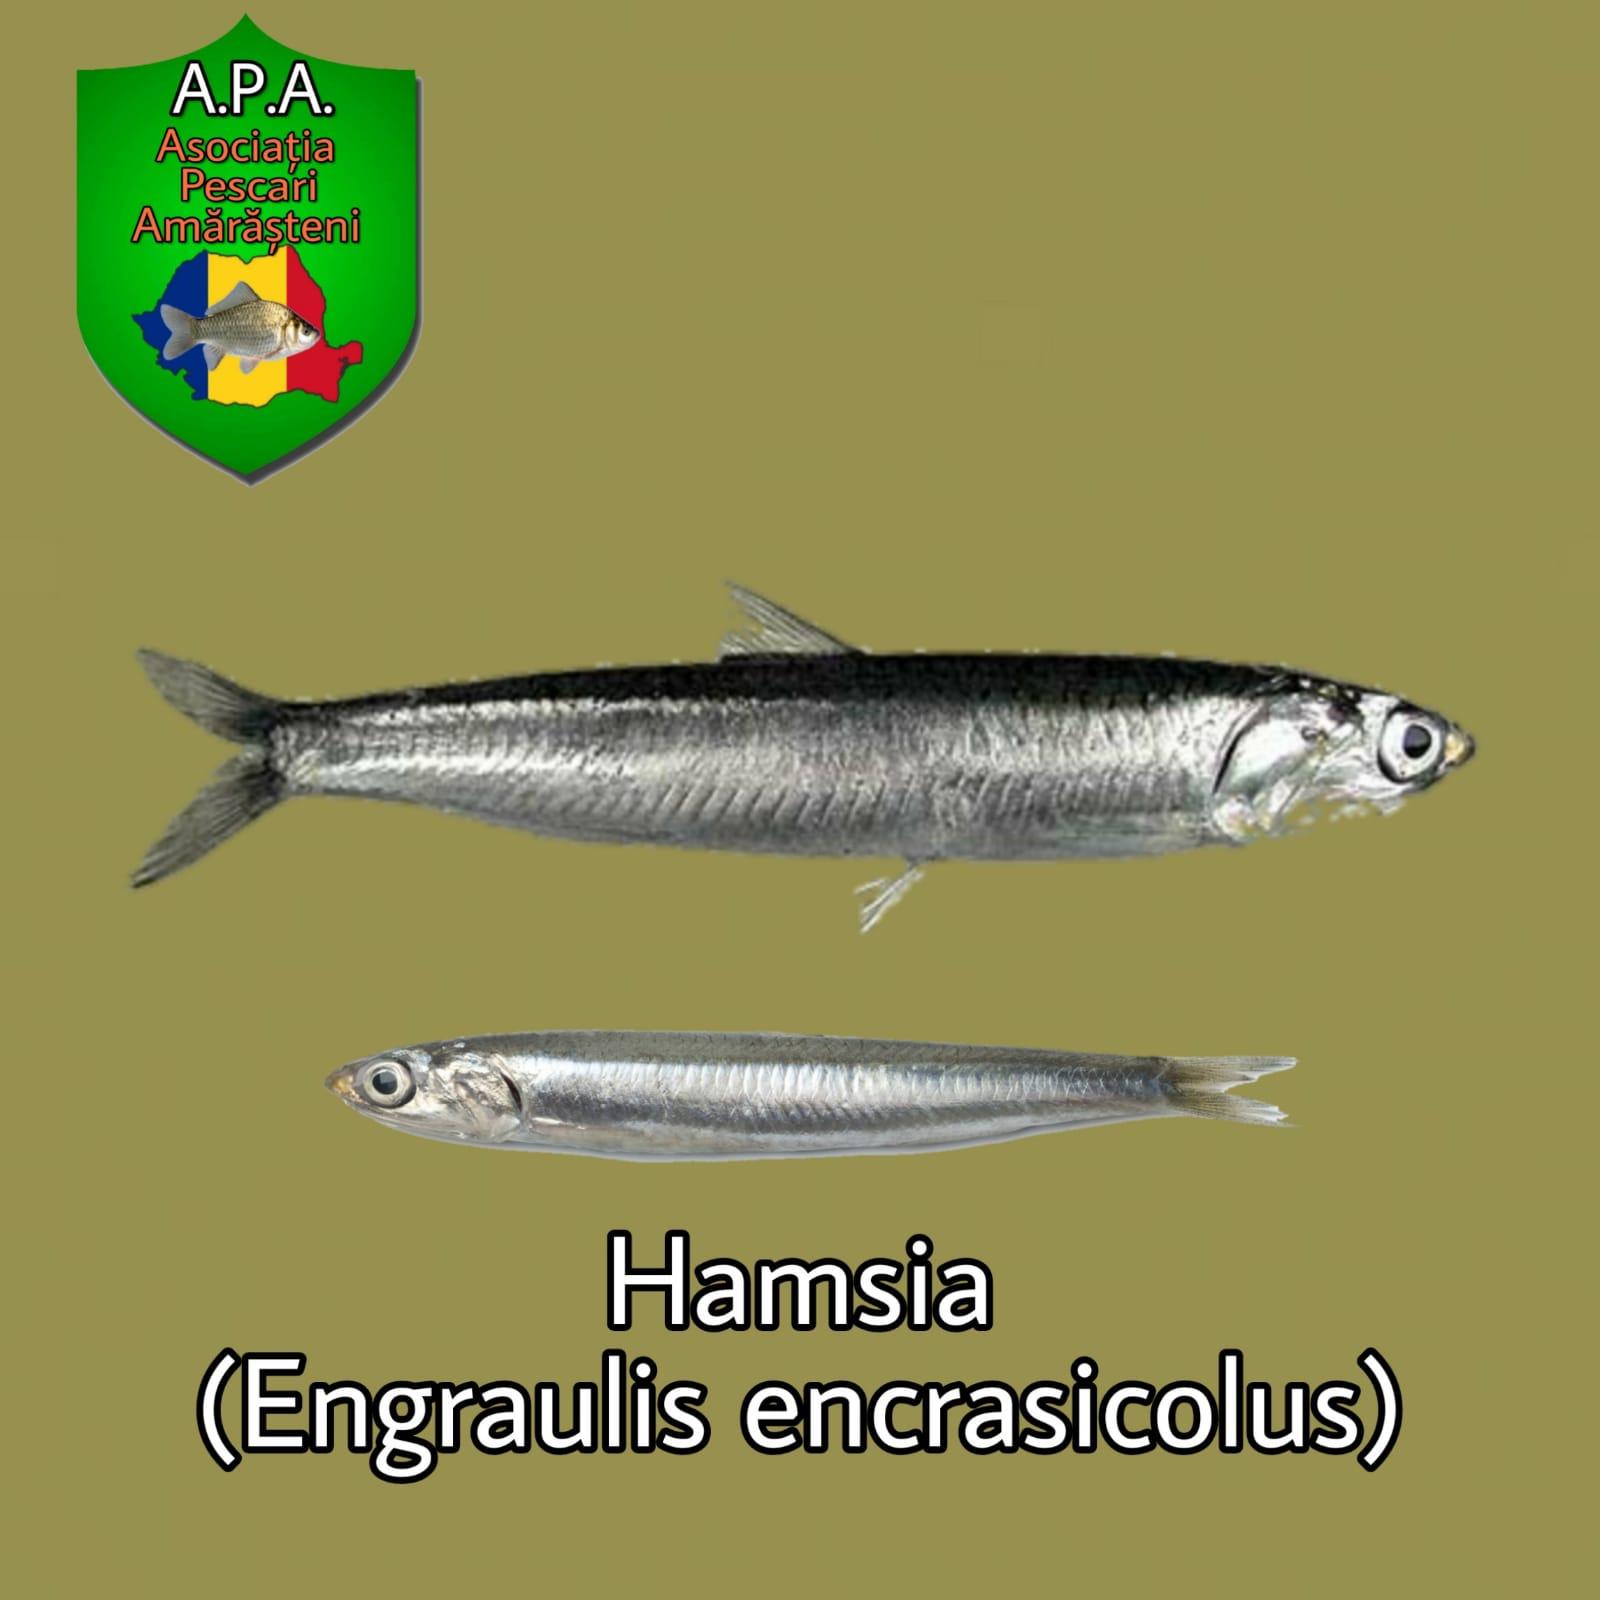 Hamsia (Engraulis encrasicolus)